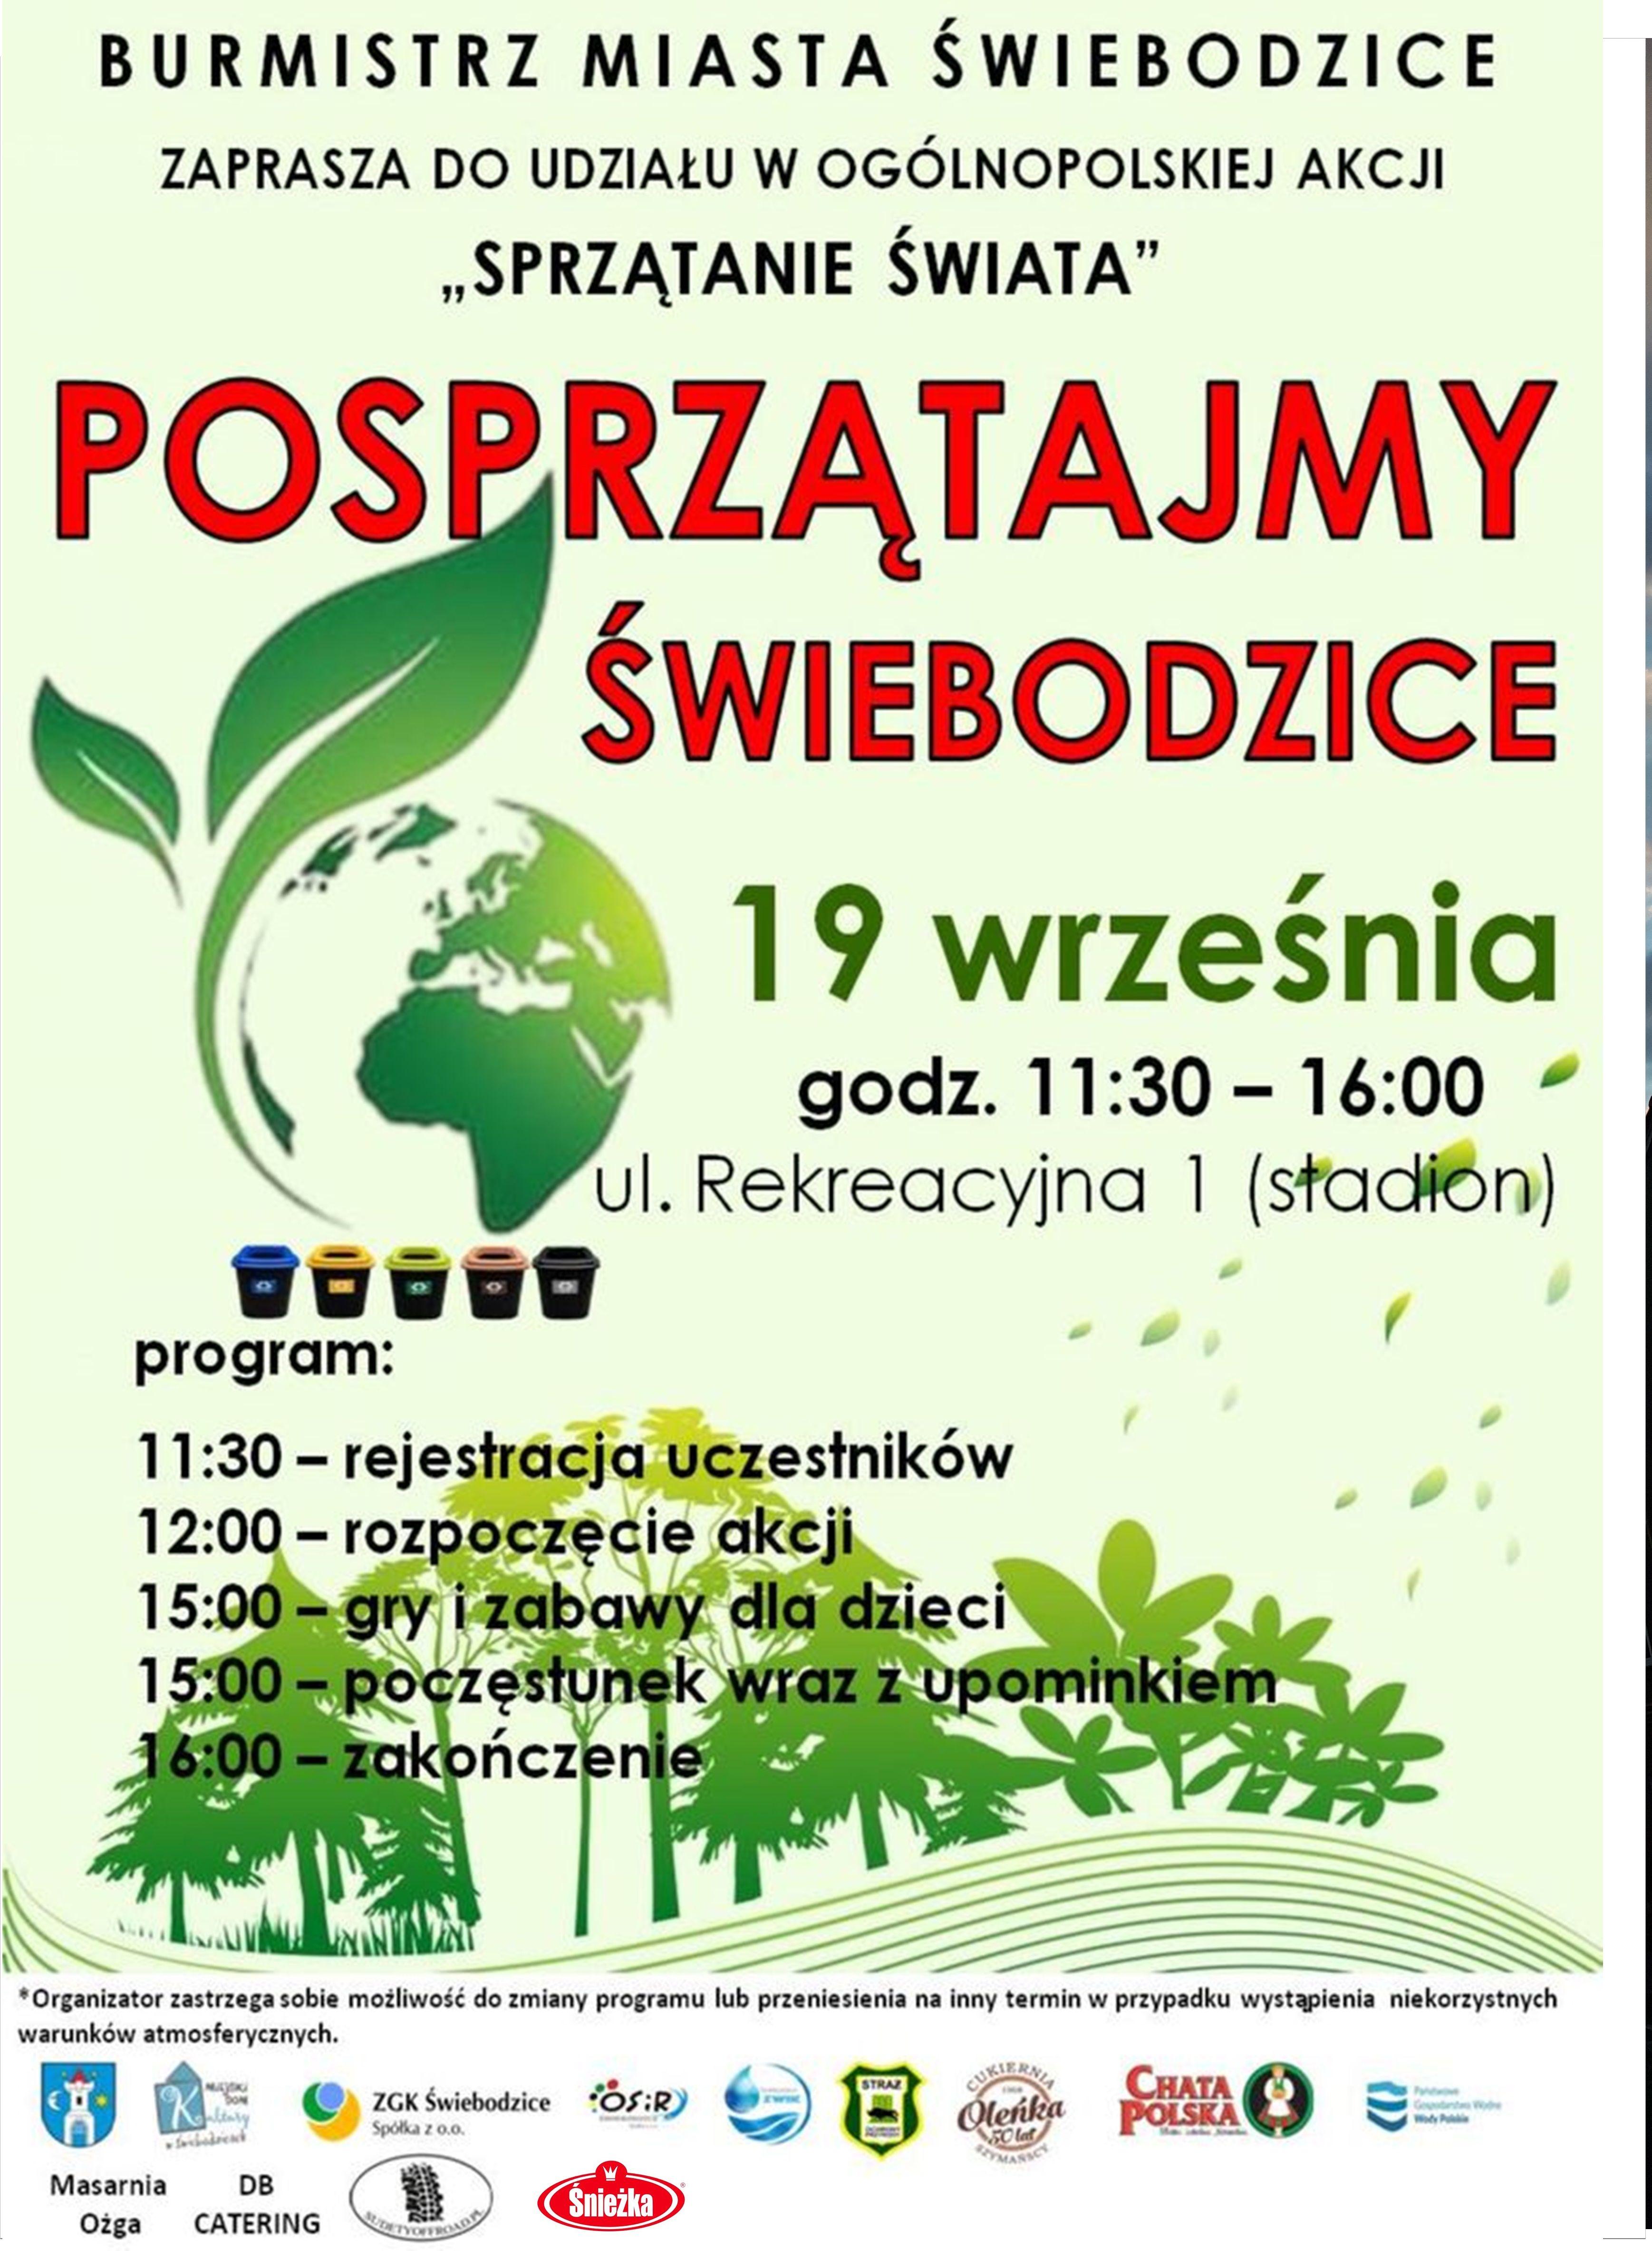 plakat promocyjny sprzątanie Świata